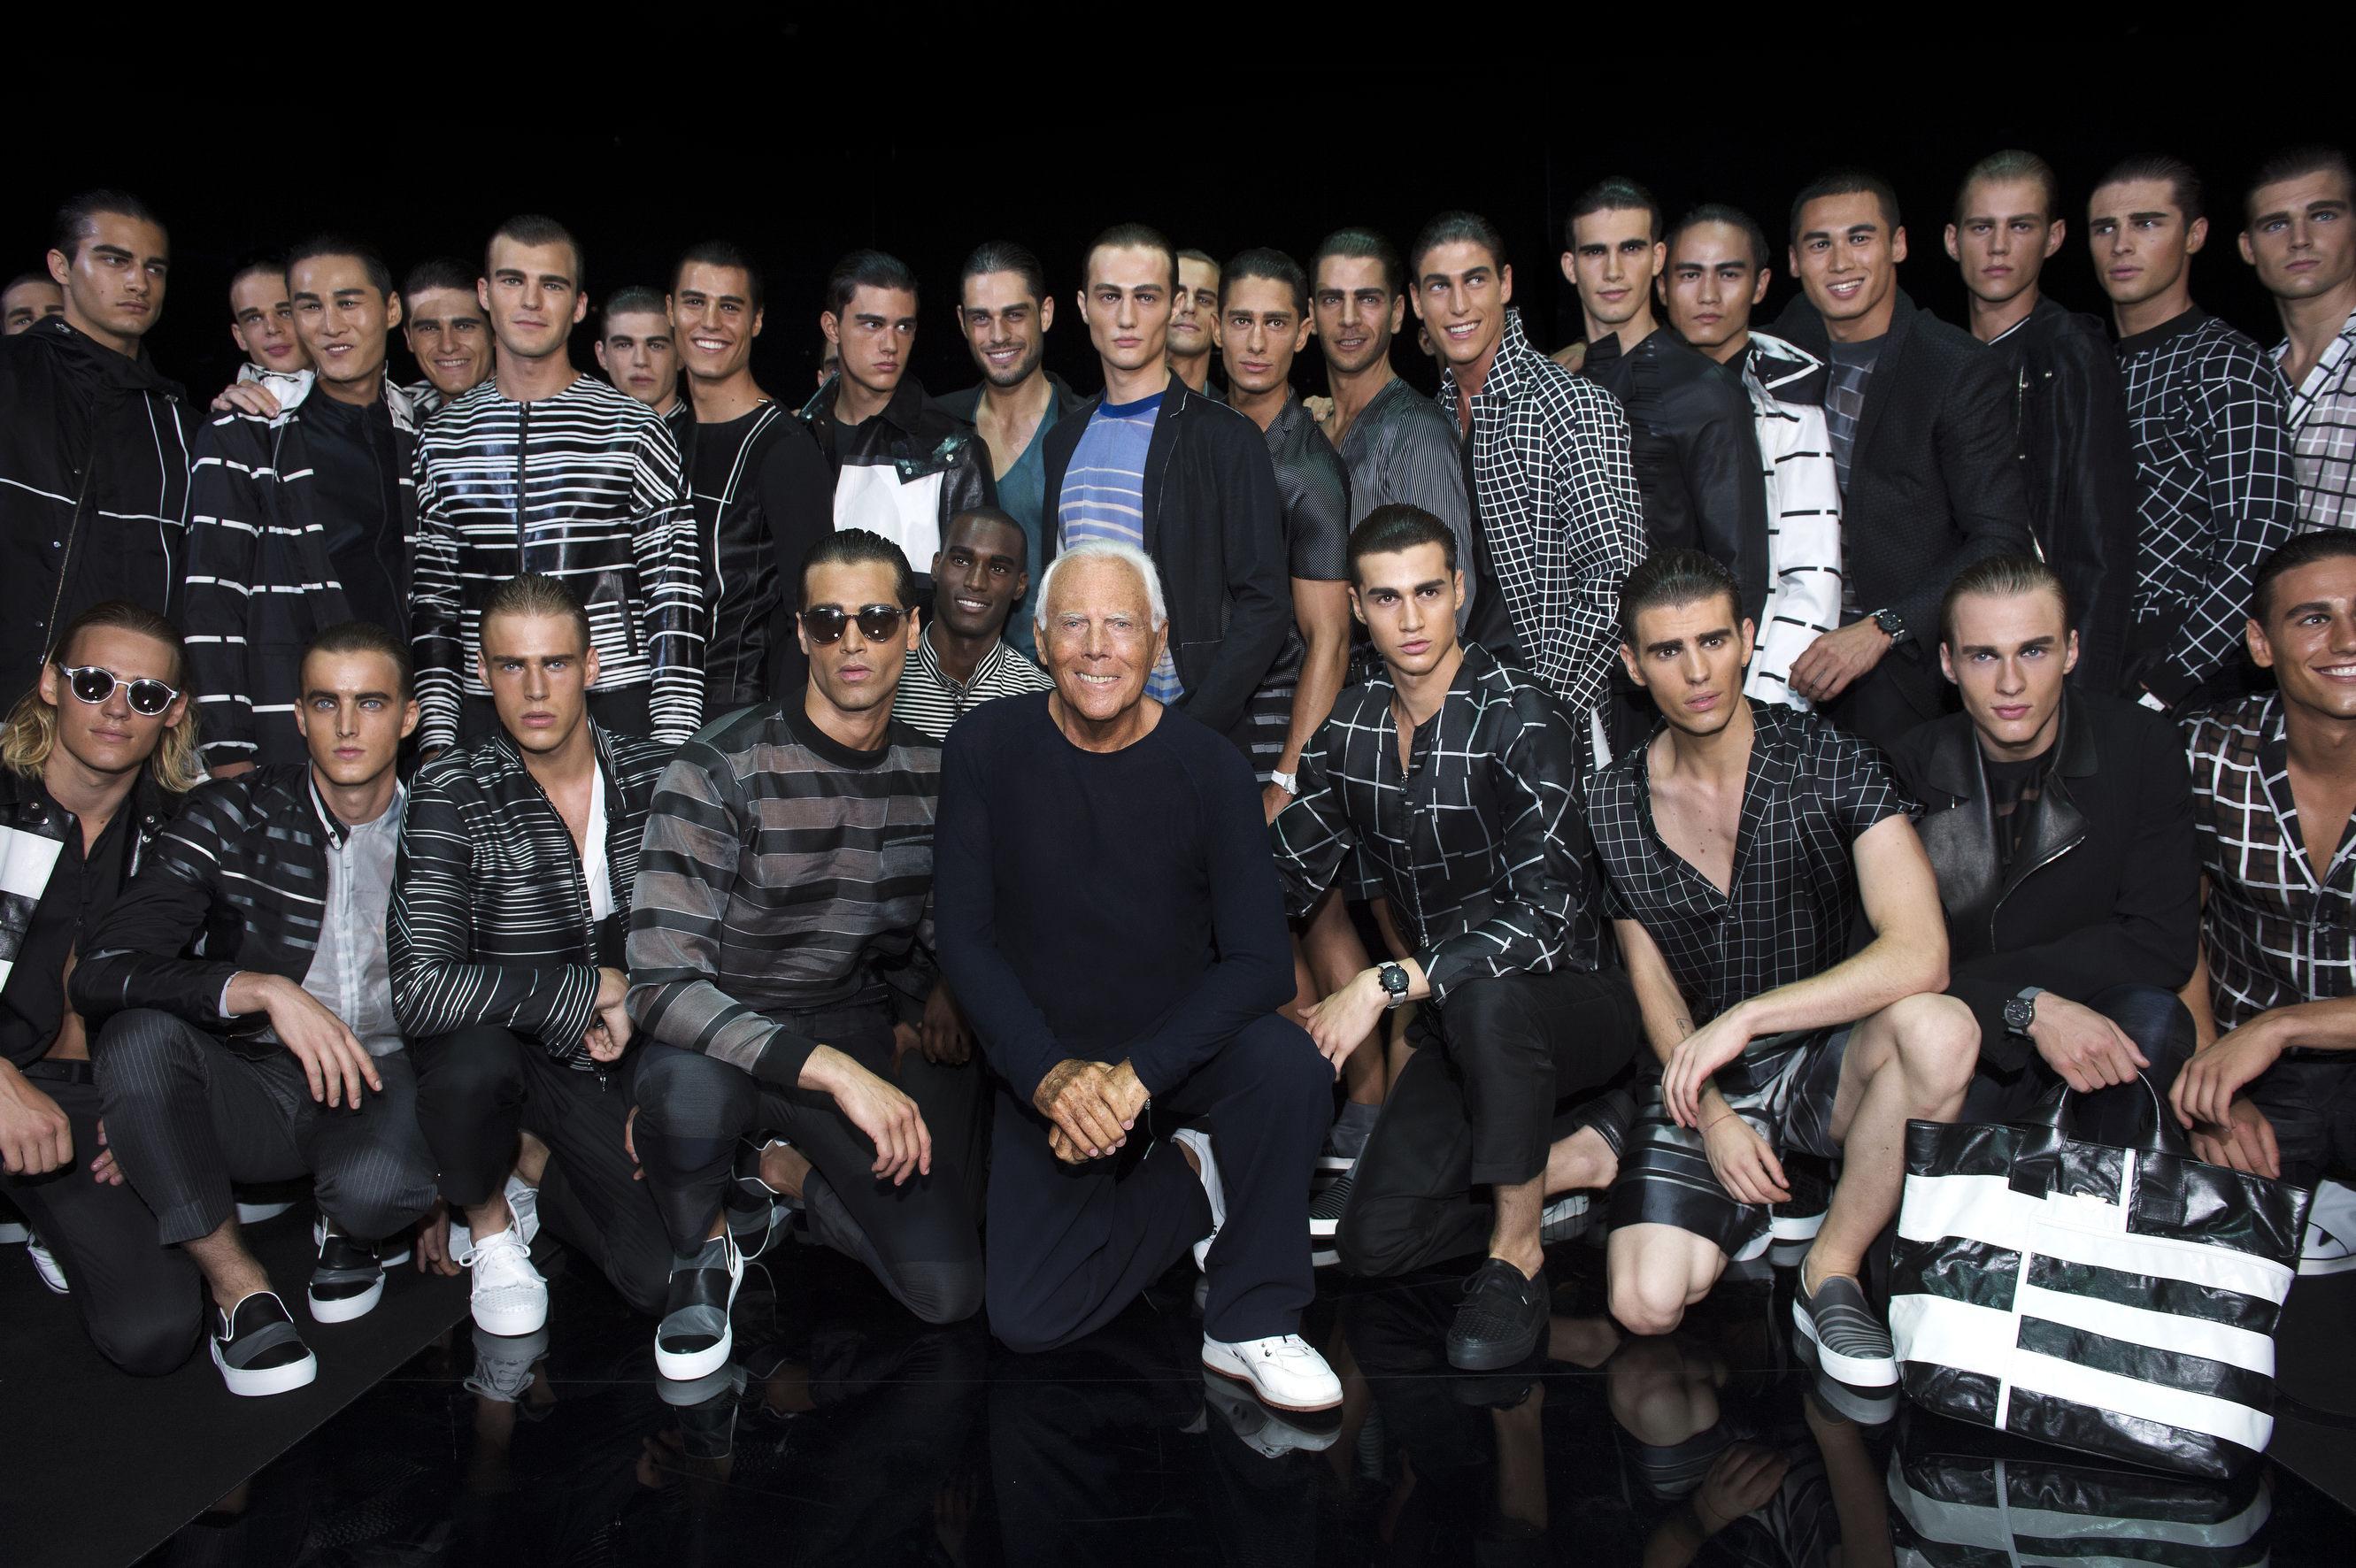 Giorgio Armani and The Boys